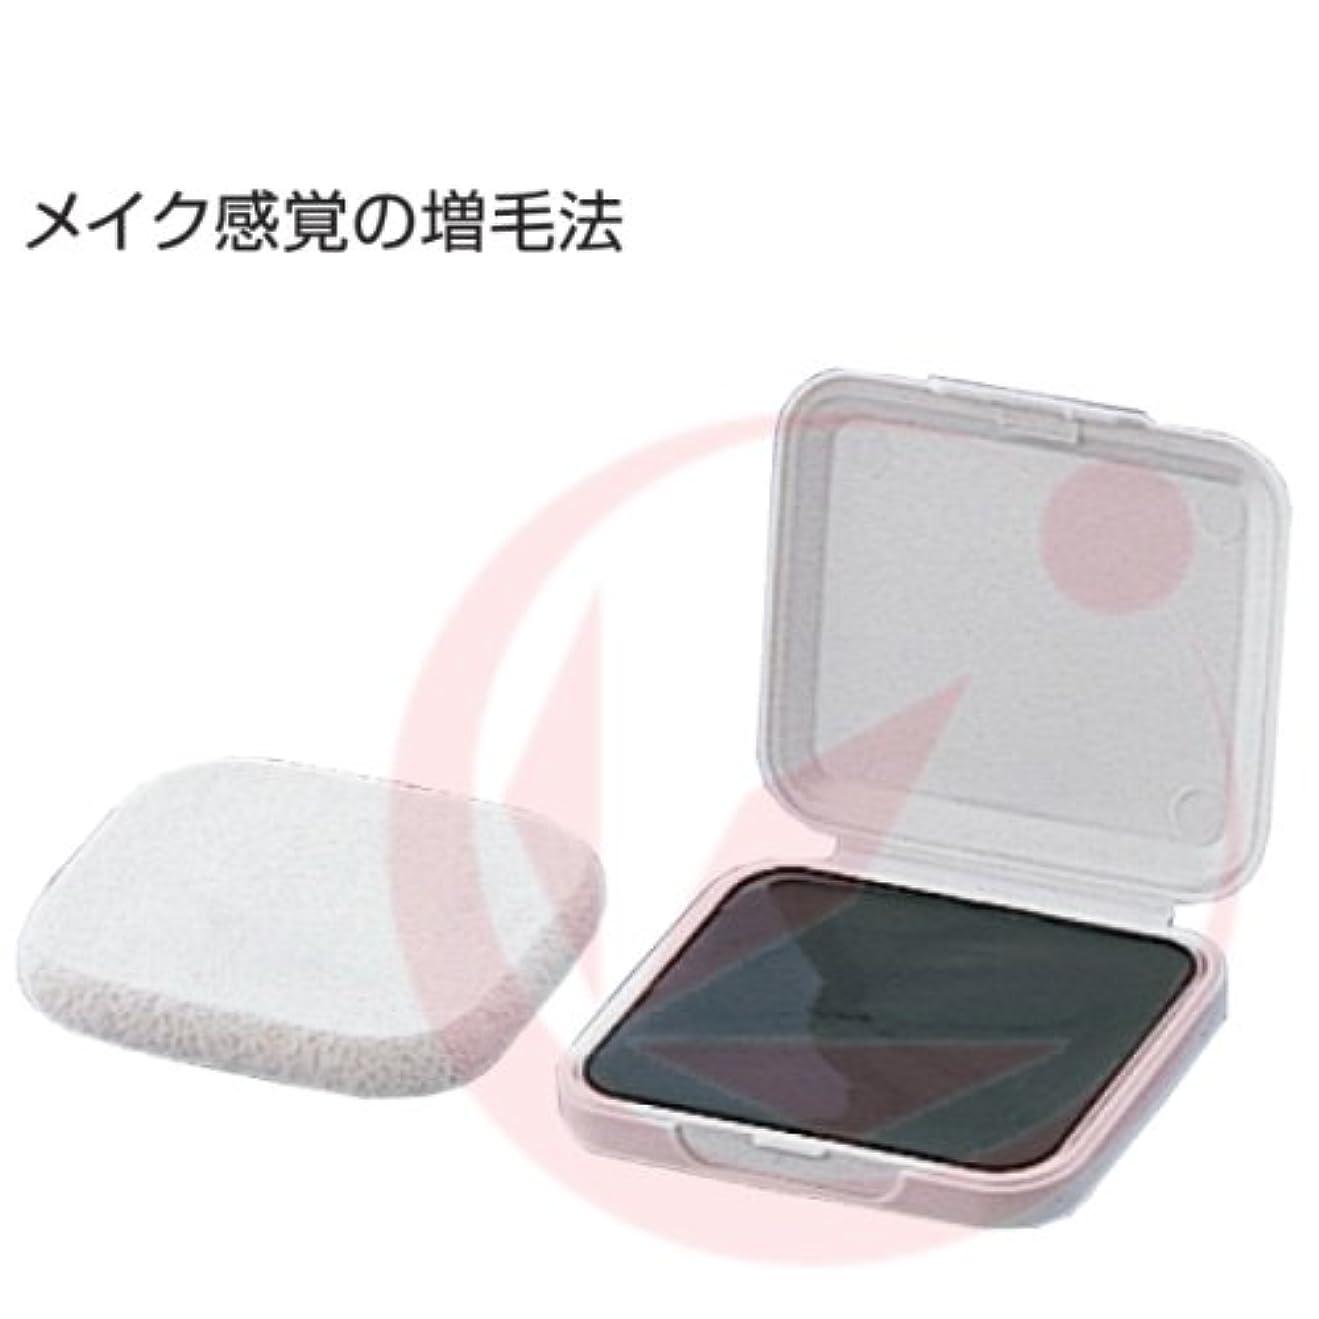 驚き芽精度彩髪メーク詰替用ダークブラウン13.5g